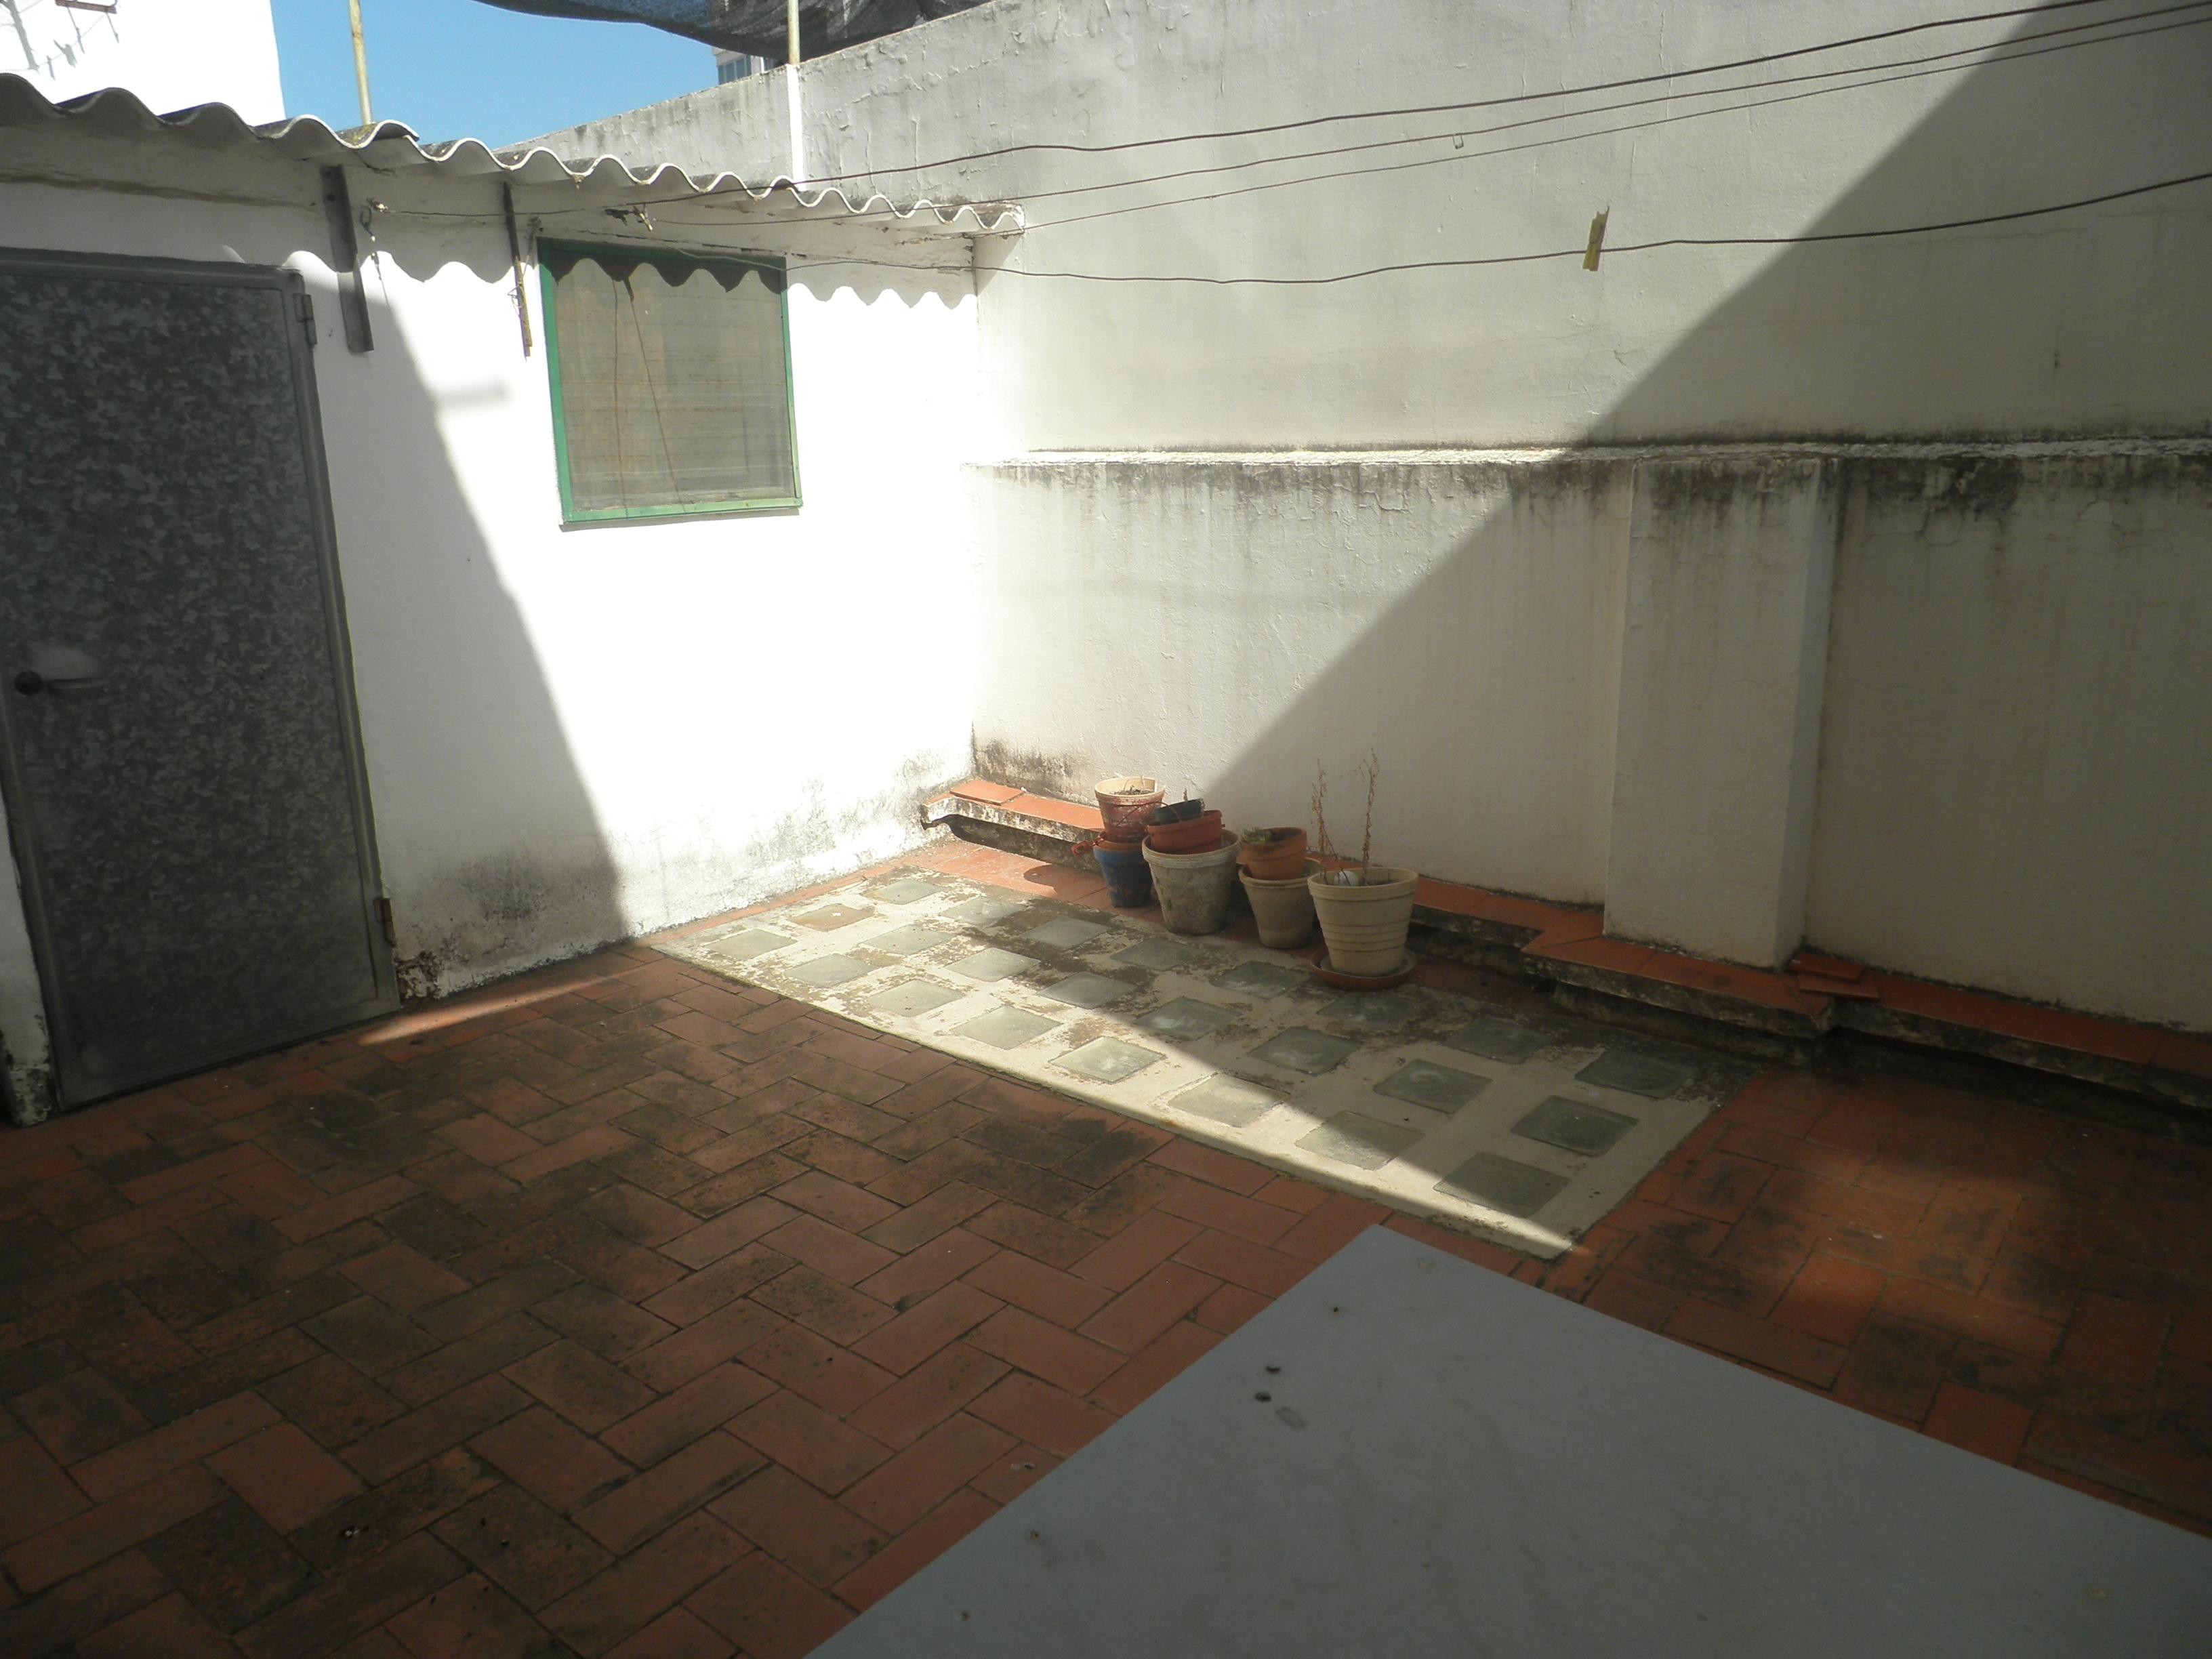 Un primer piso inmobiliaria llagaria inmuebles en venta y alquiler xativa llosa de ranes - Pisos en xativa ...